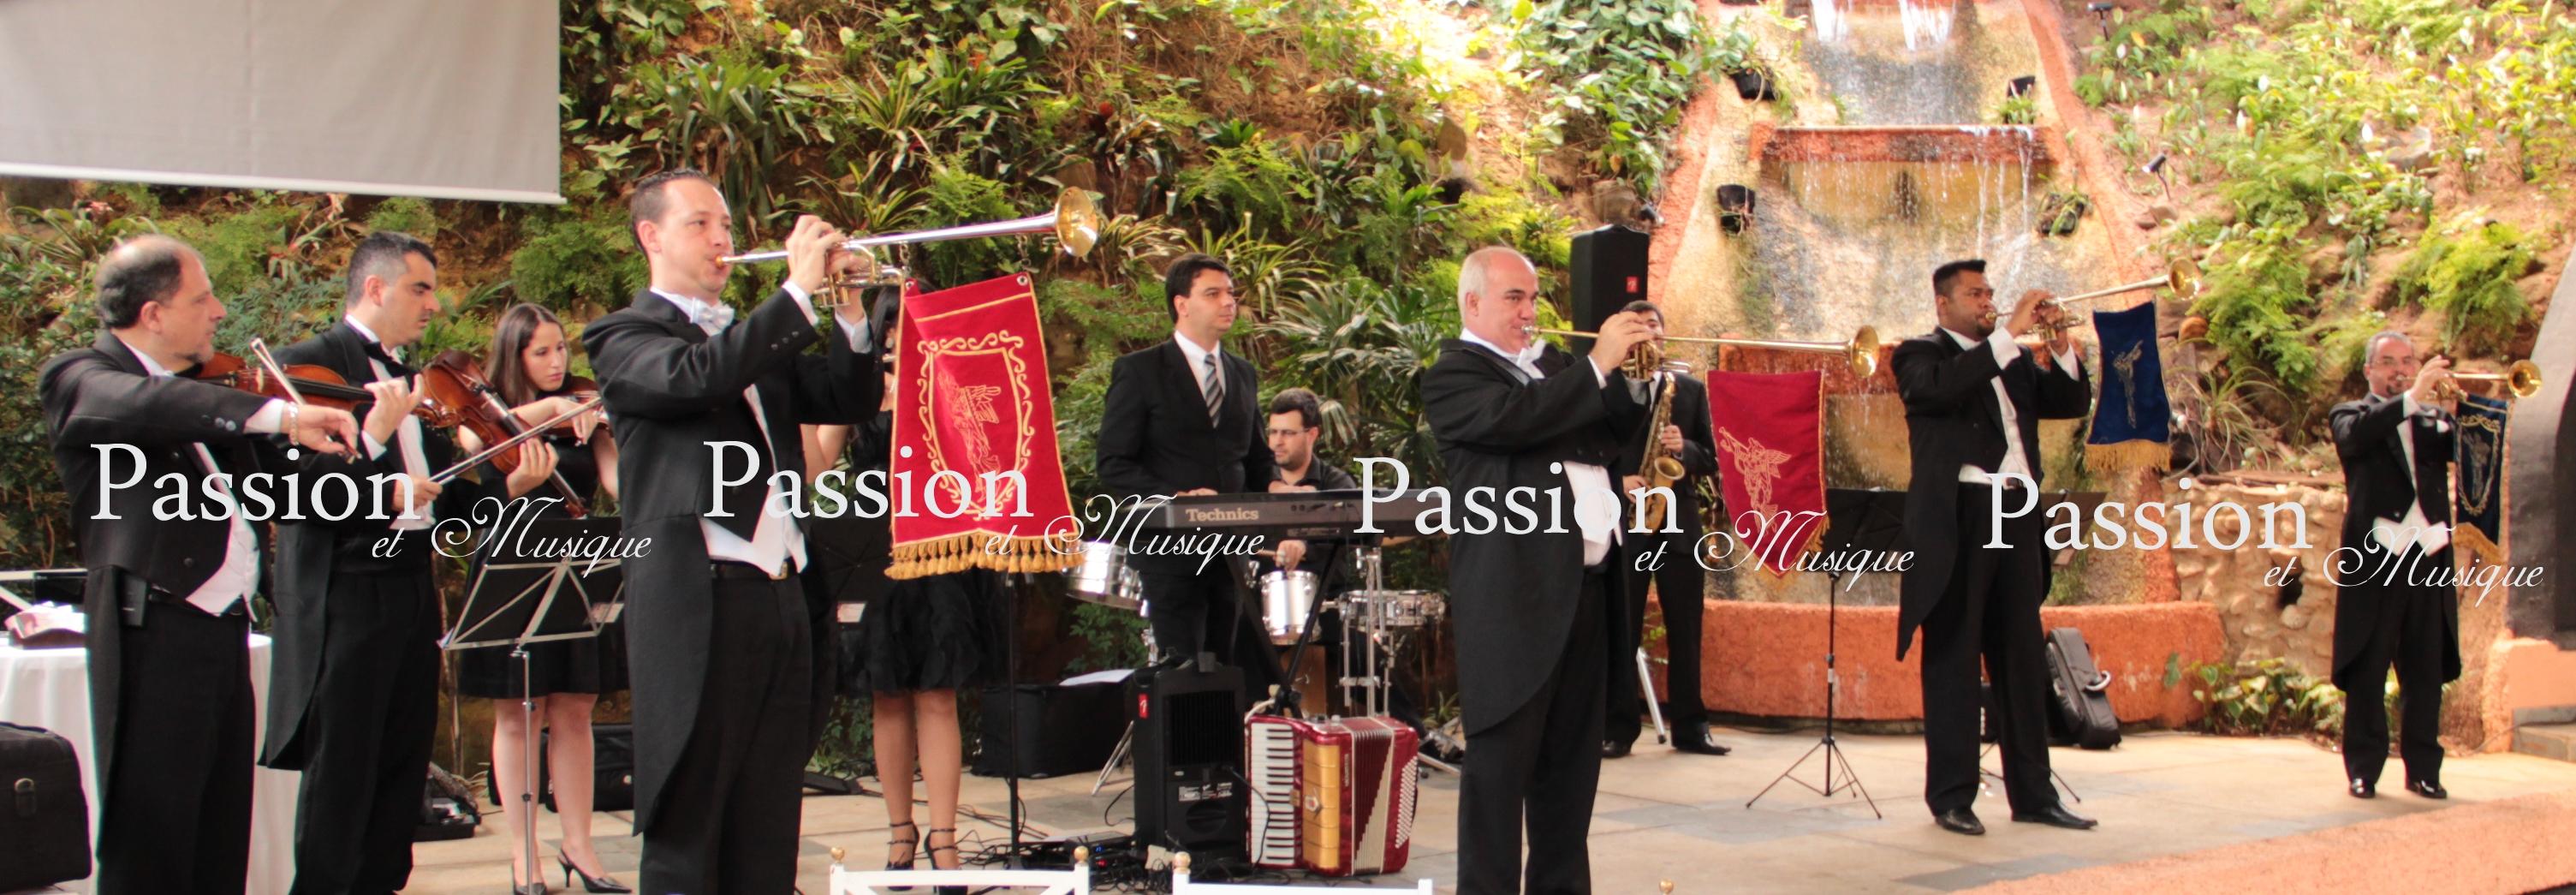 Orquestra Passion